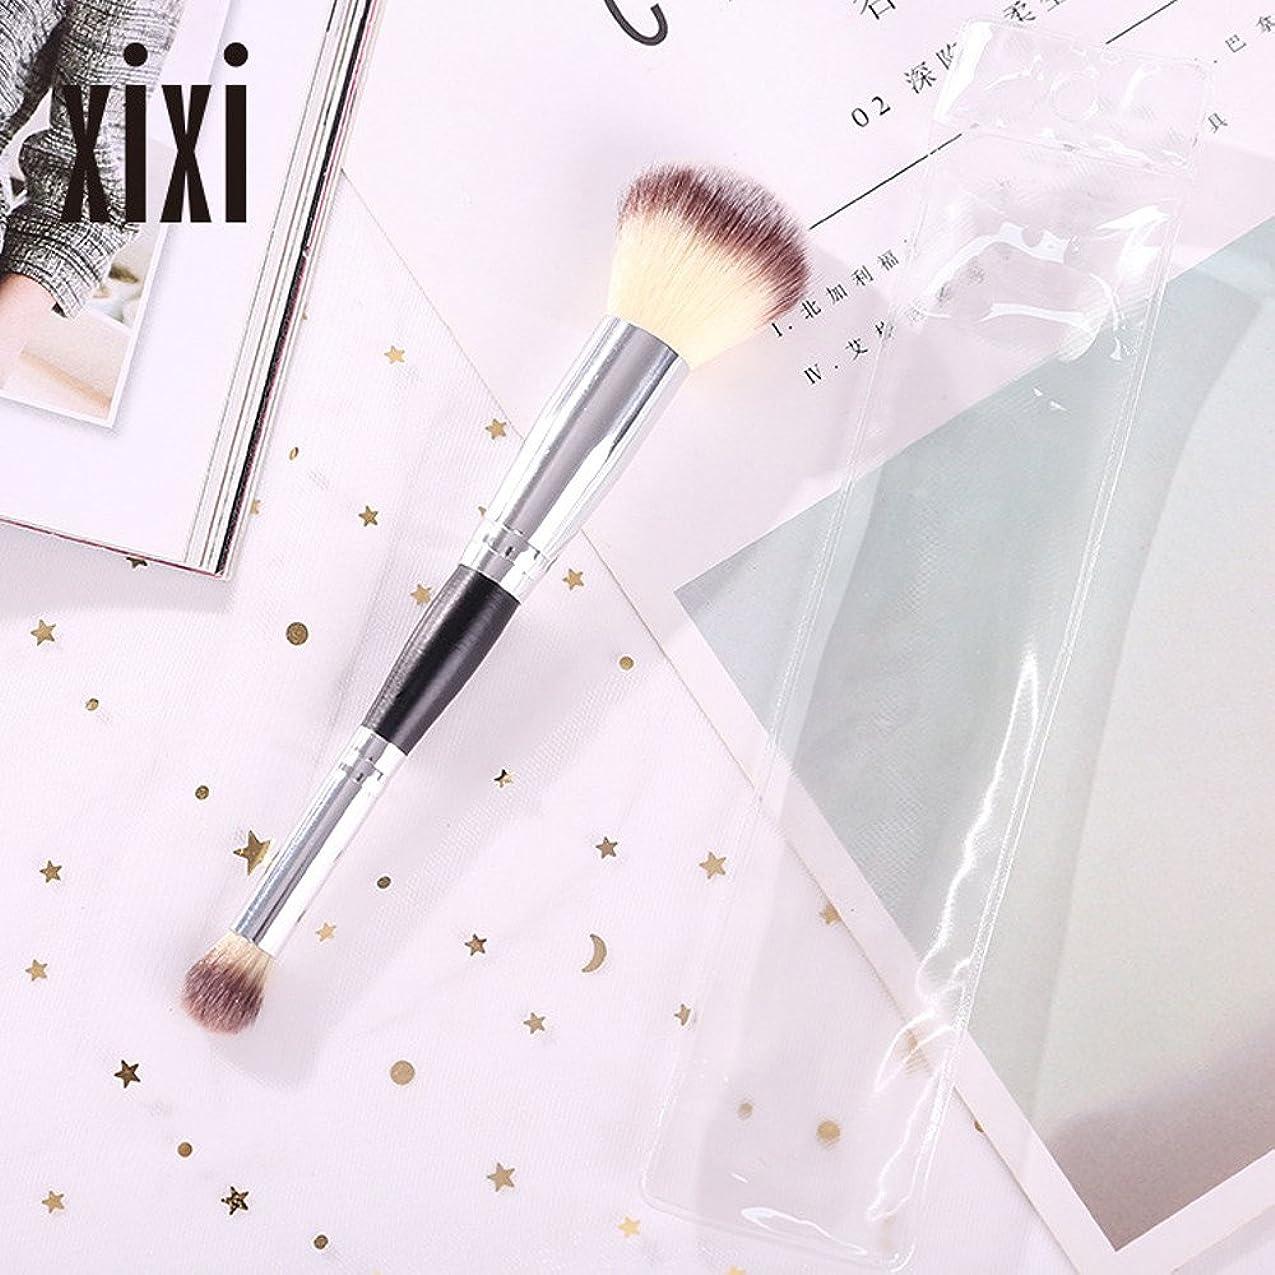 無限暴露するバンドAkane 1本 XIXI 超人気 高級 美感 魅力的 ダブルヘッド 上等 綺麗 多機能 おしゃれ たっぷり 柔らかい 激安 日常 仕事 Makeup Brush メイクアップブラシ X719